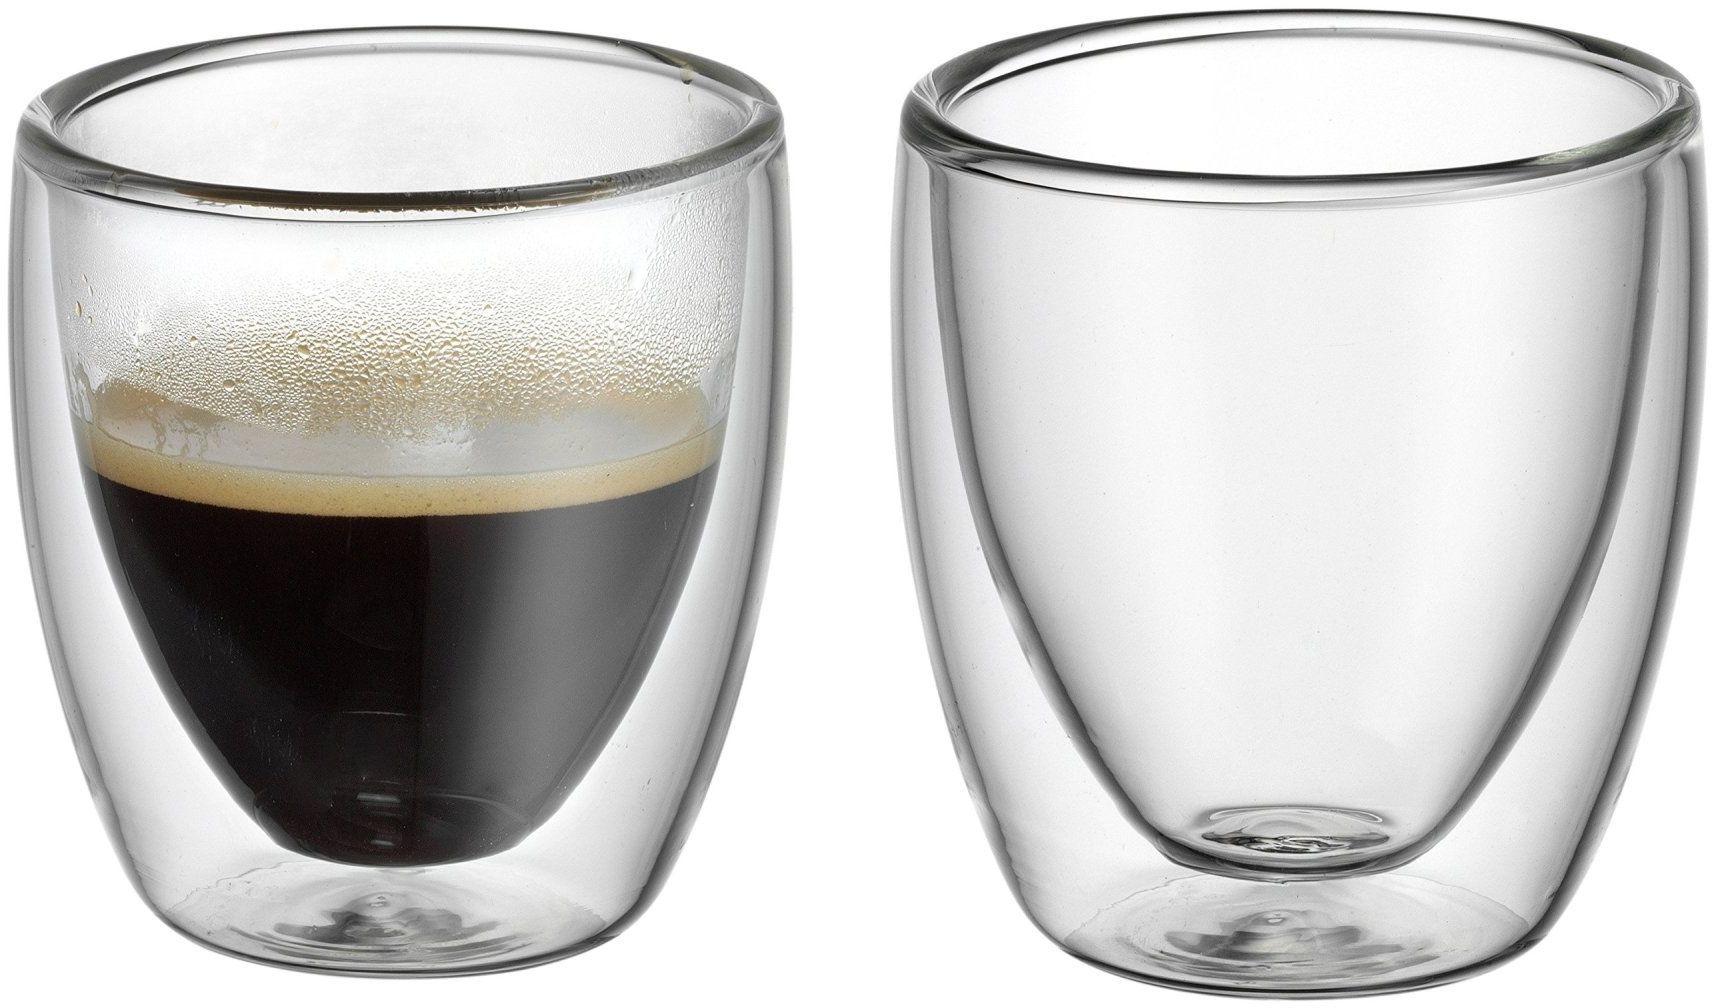 Szkła WMF. Espresso 40 x 40 x 10 cm przezroczysty